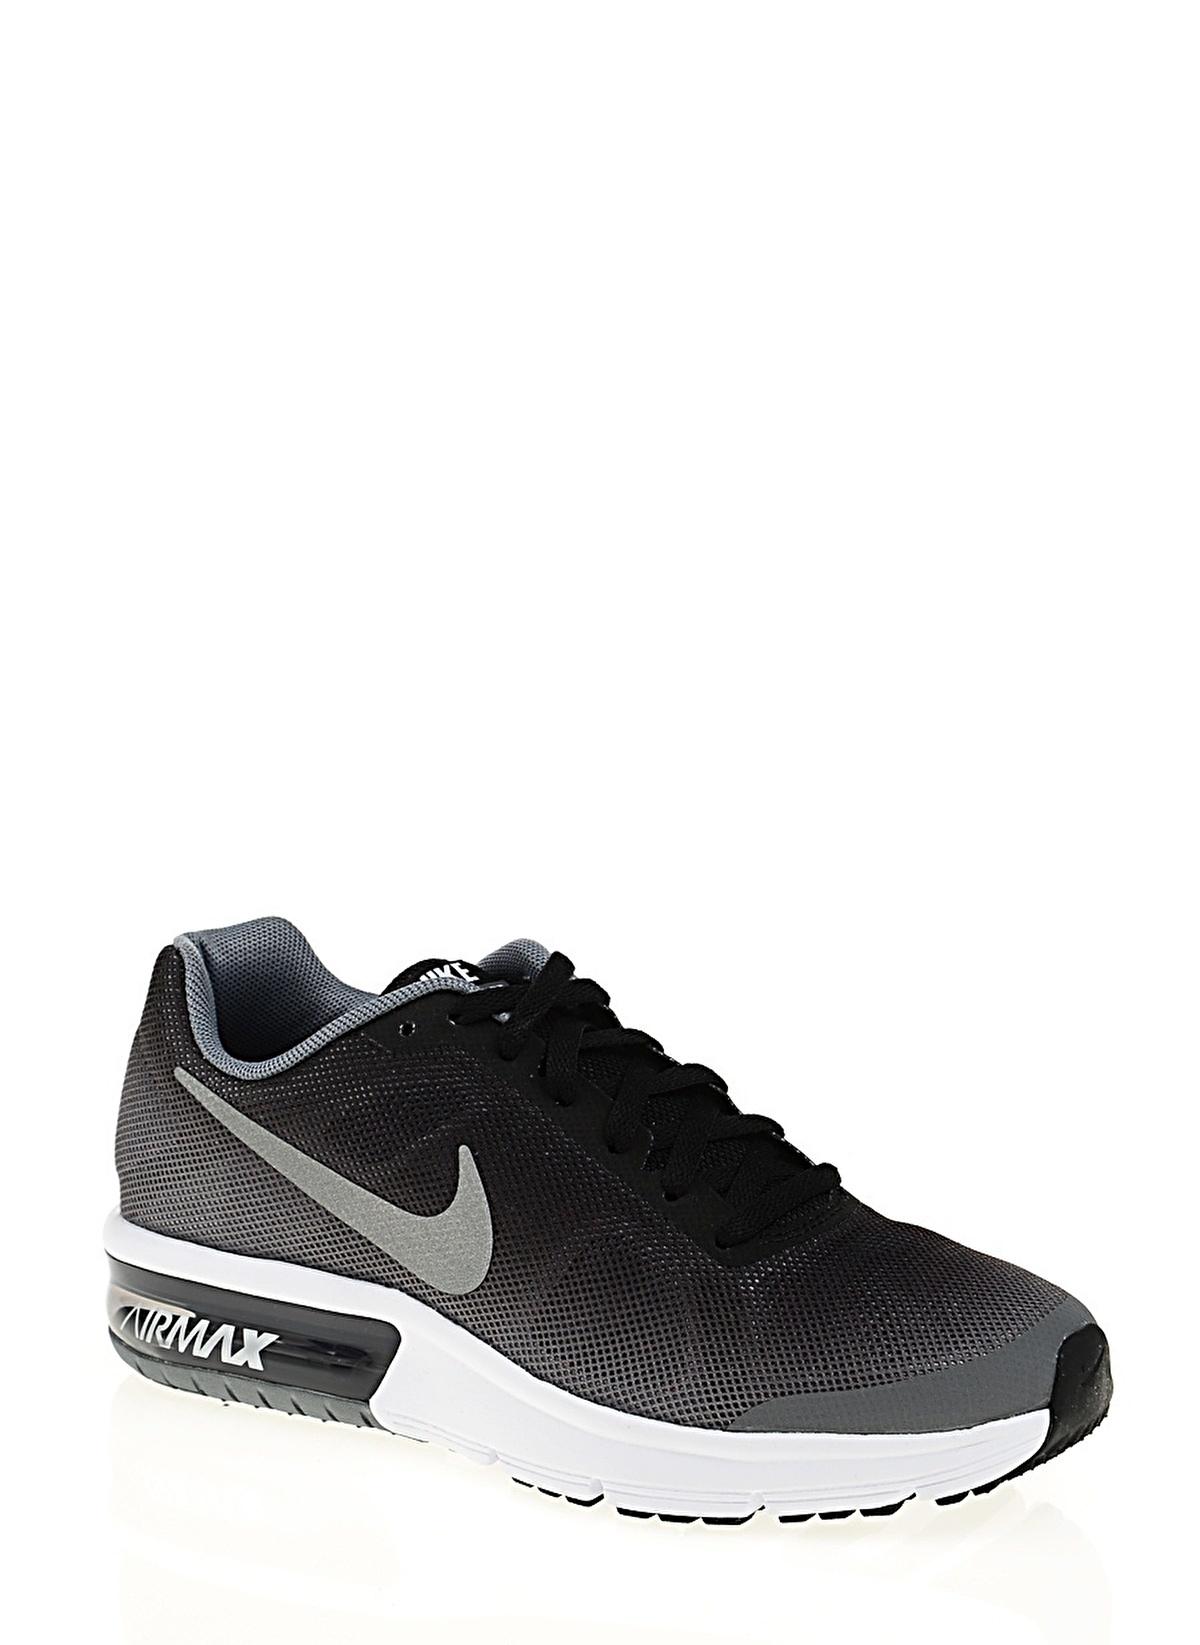 Shoes NIKE Air Max Sequent (GS) 724983 011 BlackMetallic Silver